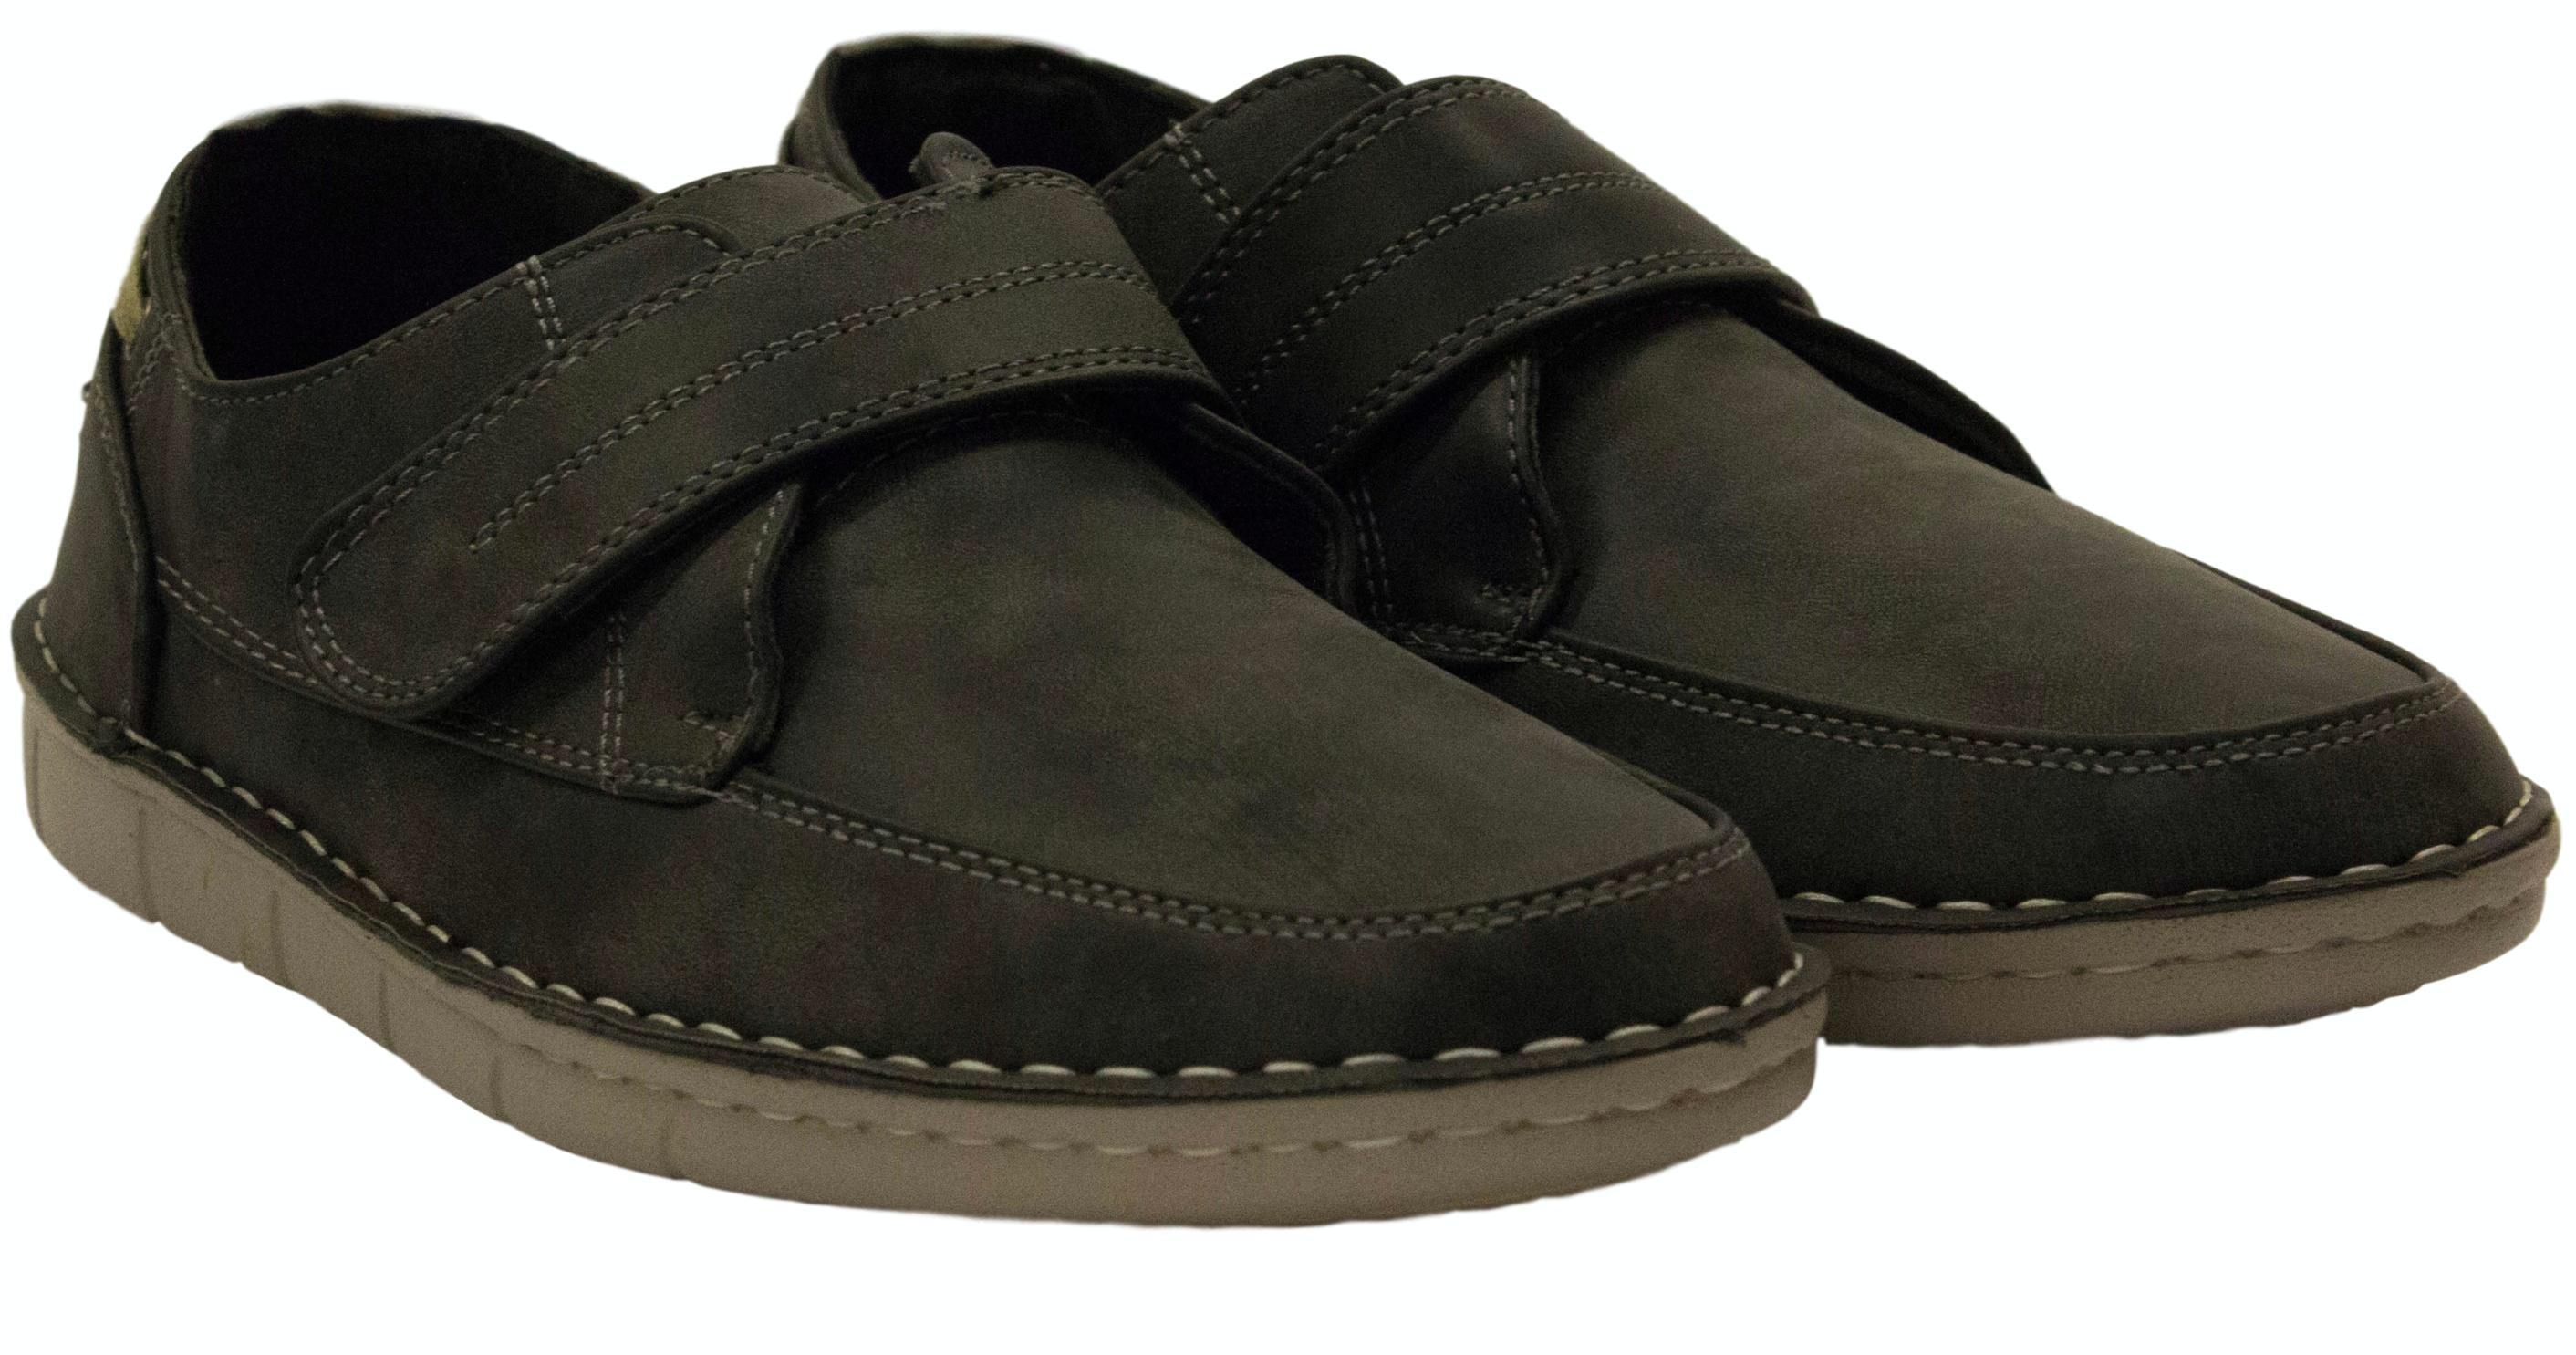 Dr Keller Robson Moccasin Velcro Shoe Black